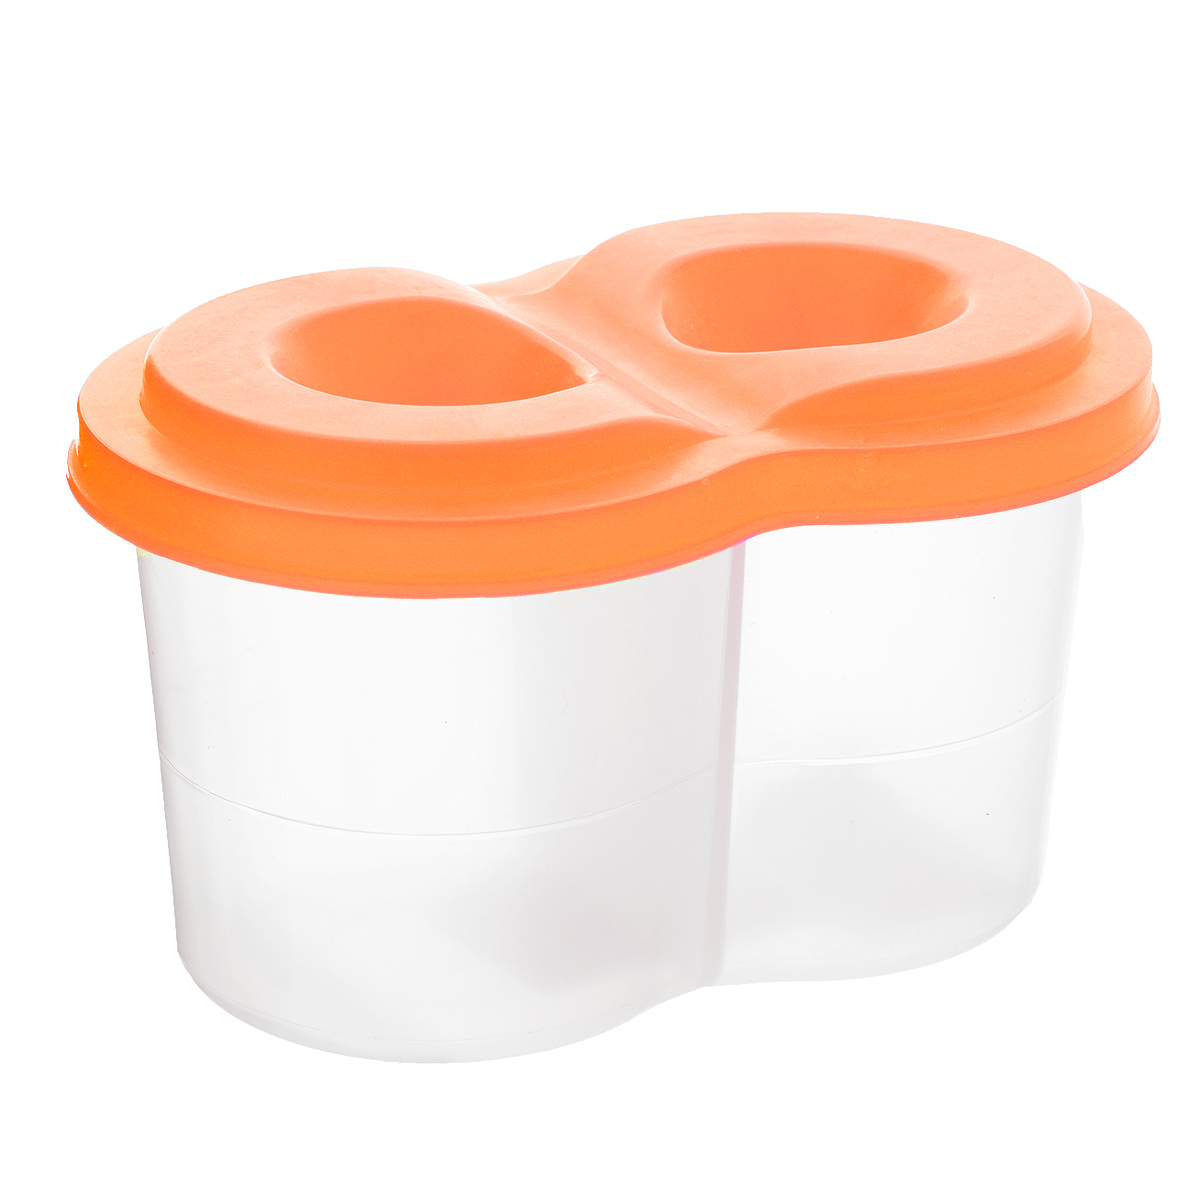 """Стакан-непроливайка """"Луч"""", двойной станет незаменимым атрибутом в процессе рисования детского шедевра. Стакан имеет два отделения для чистой и грязной воды, а также оснащен плотно прилегающей крышкой, на которой есть специальные отверстия для кисточек. Cтенка стакана оснащена специальной линией, которая указывает на максимально возможный уровень наполнения его водой."""